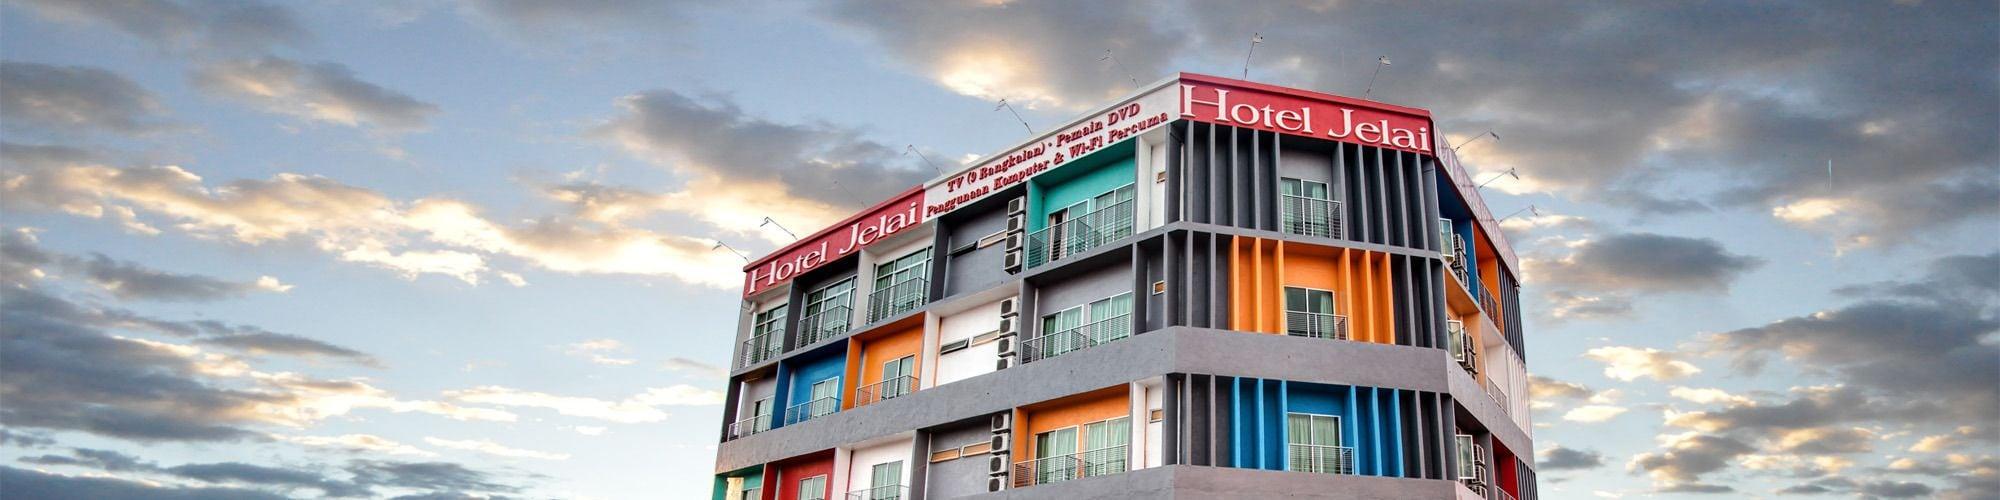 Hotel Jelai Temerloh, Temerloh